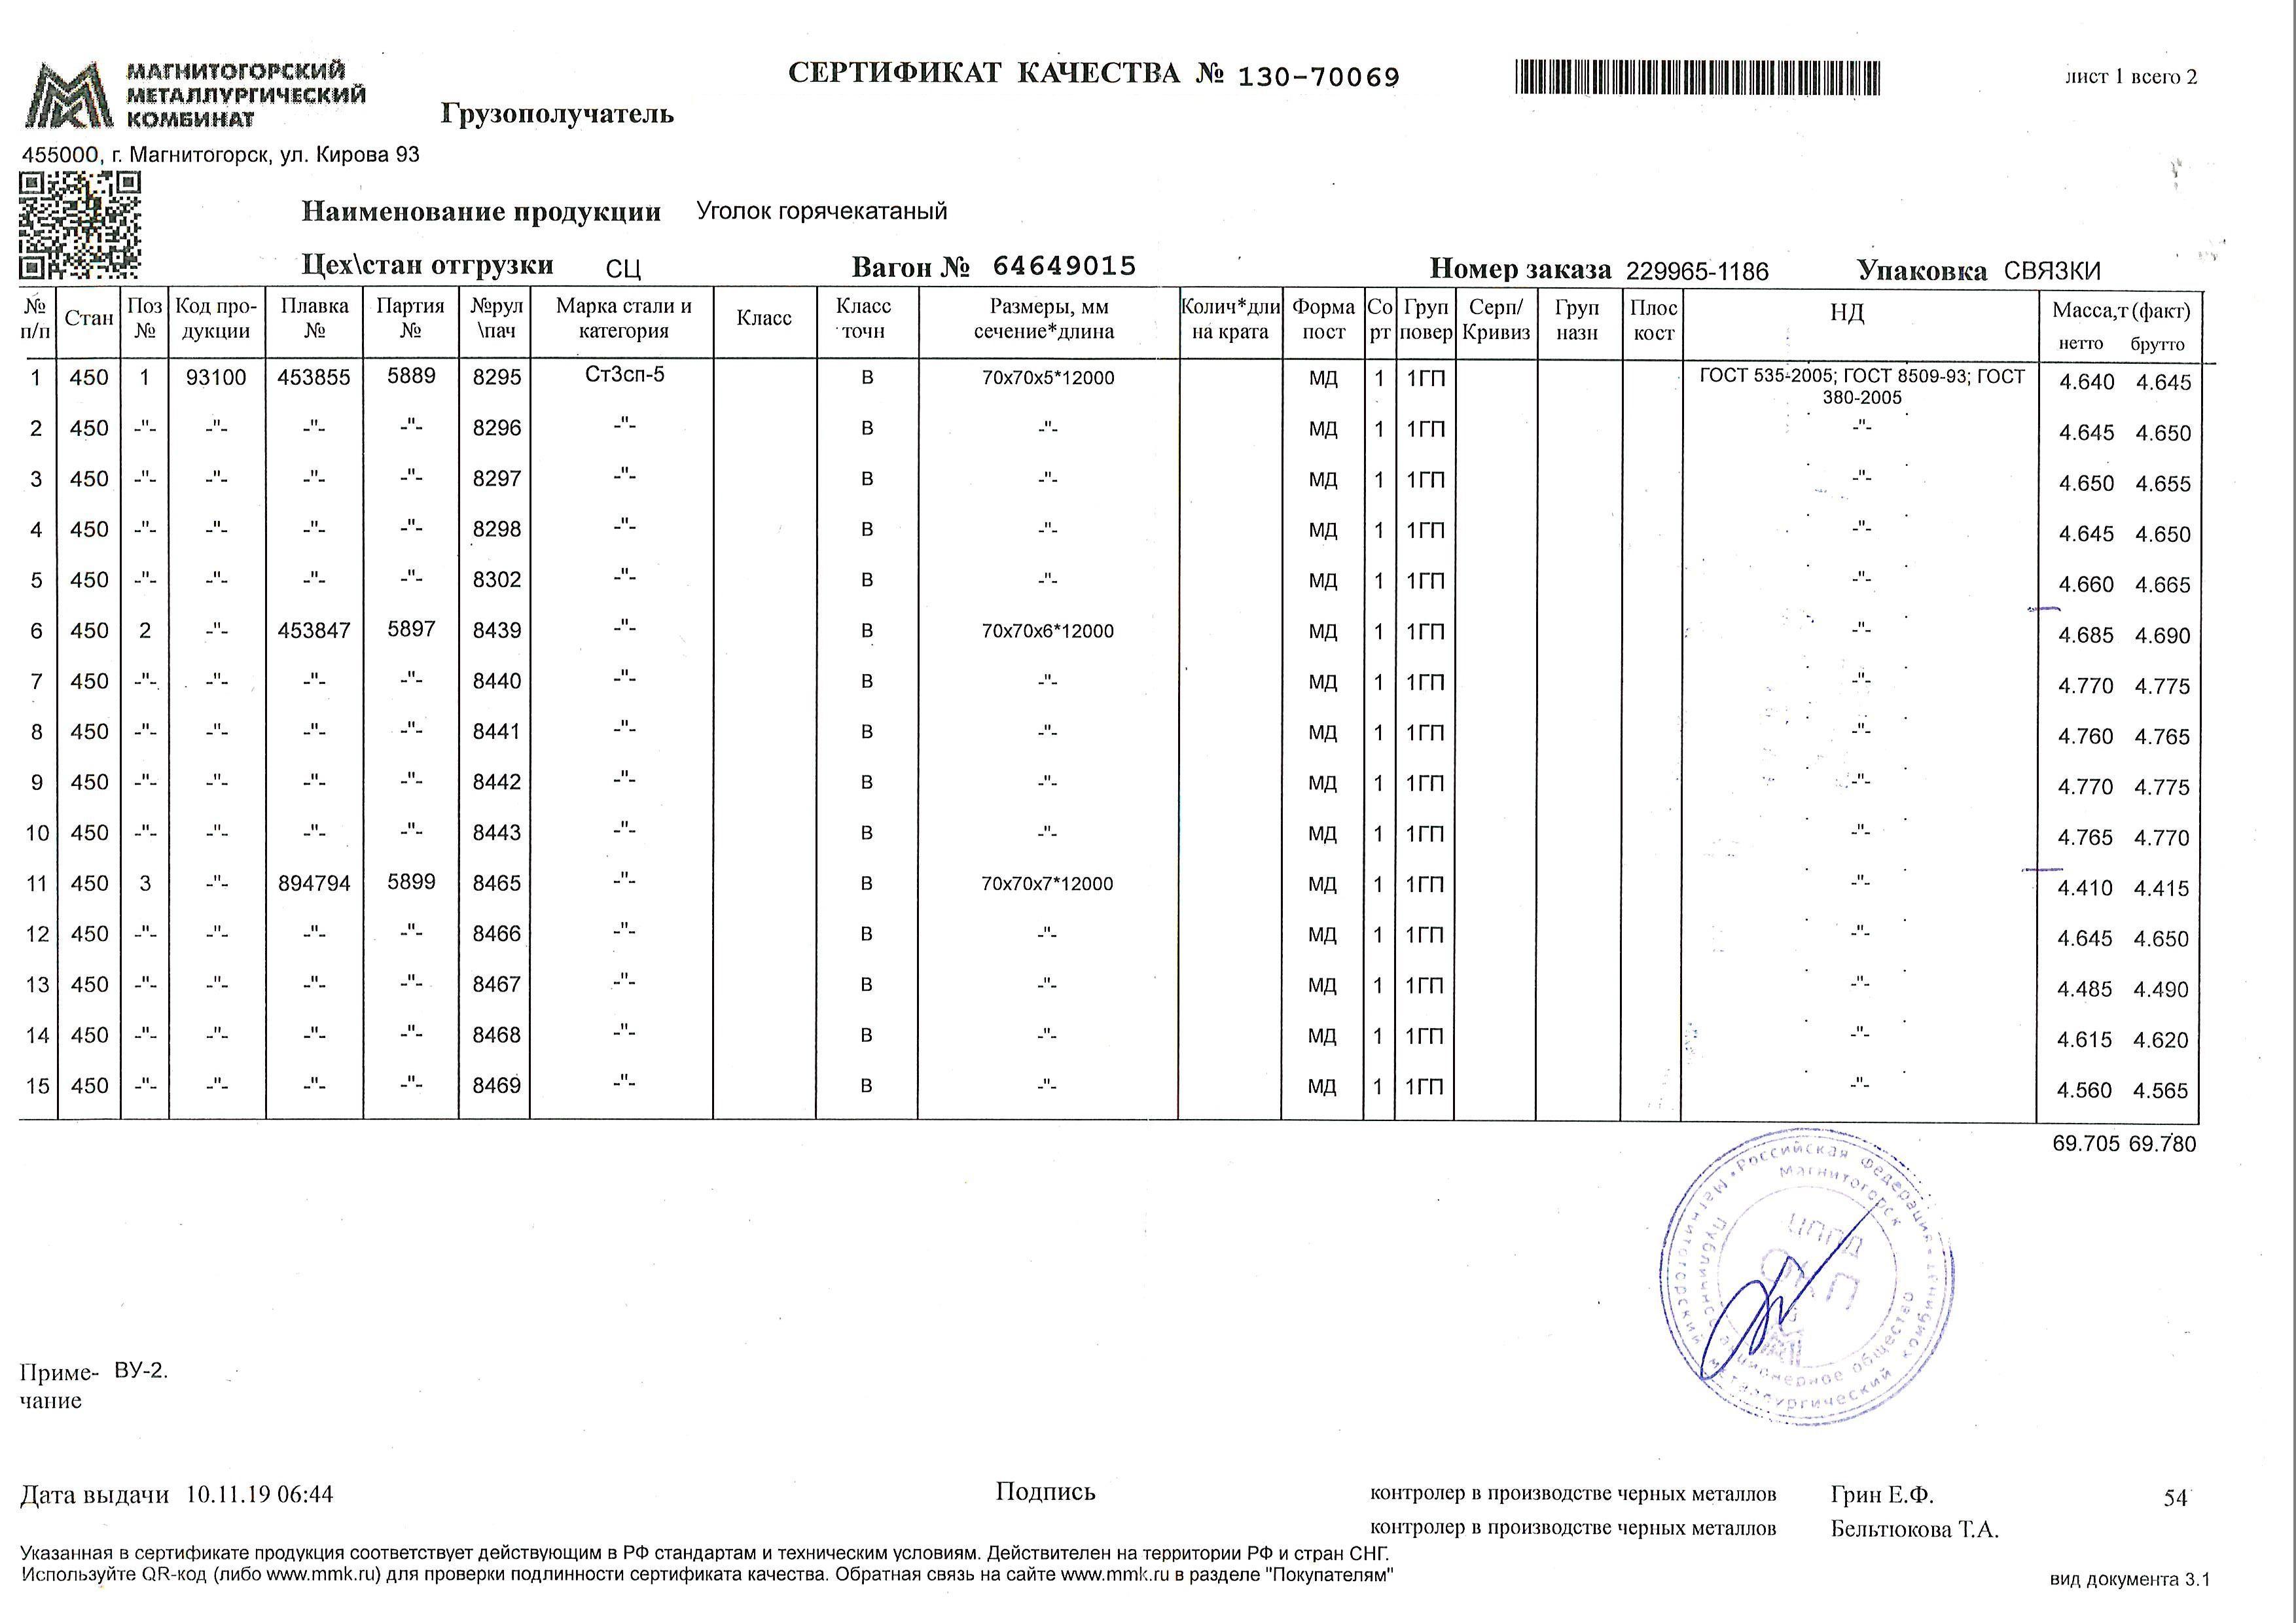 Сертификат на уголок 70x70x5